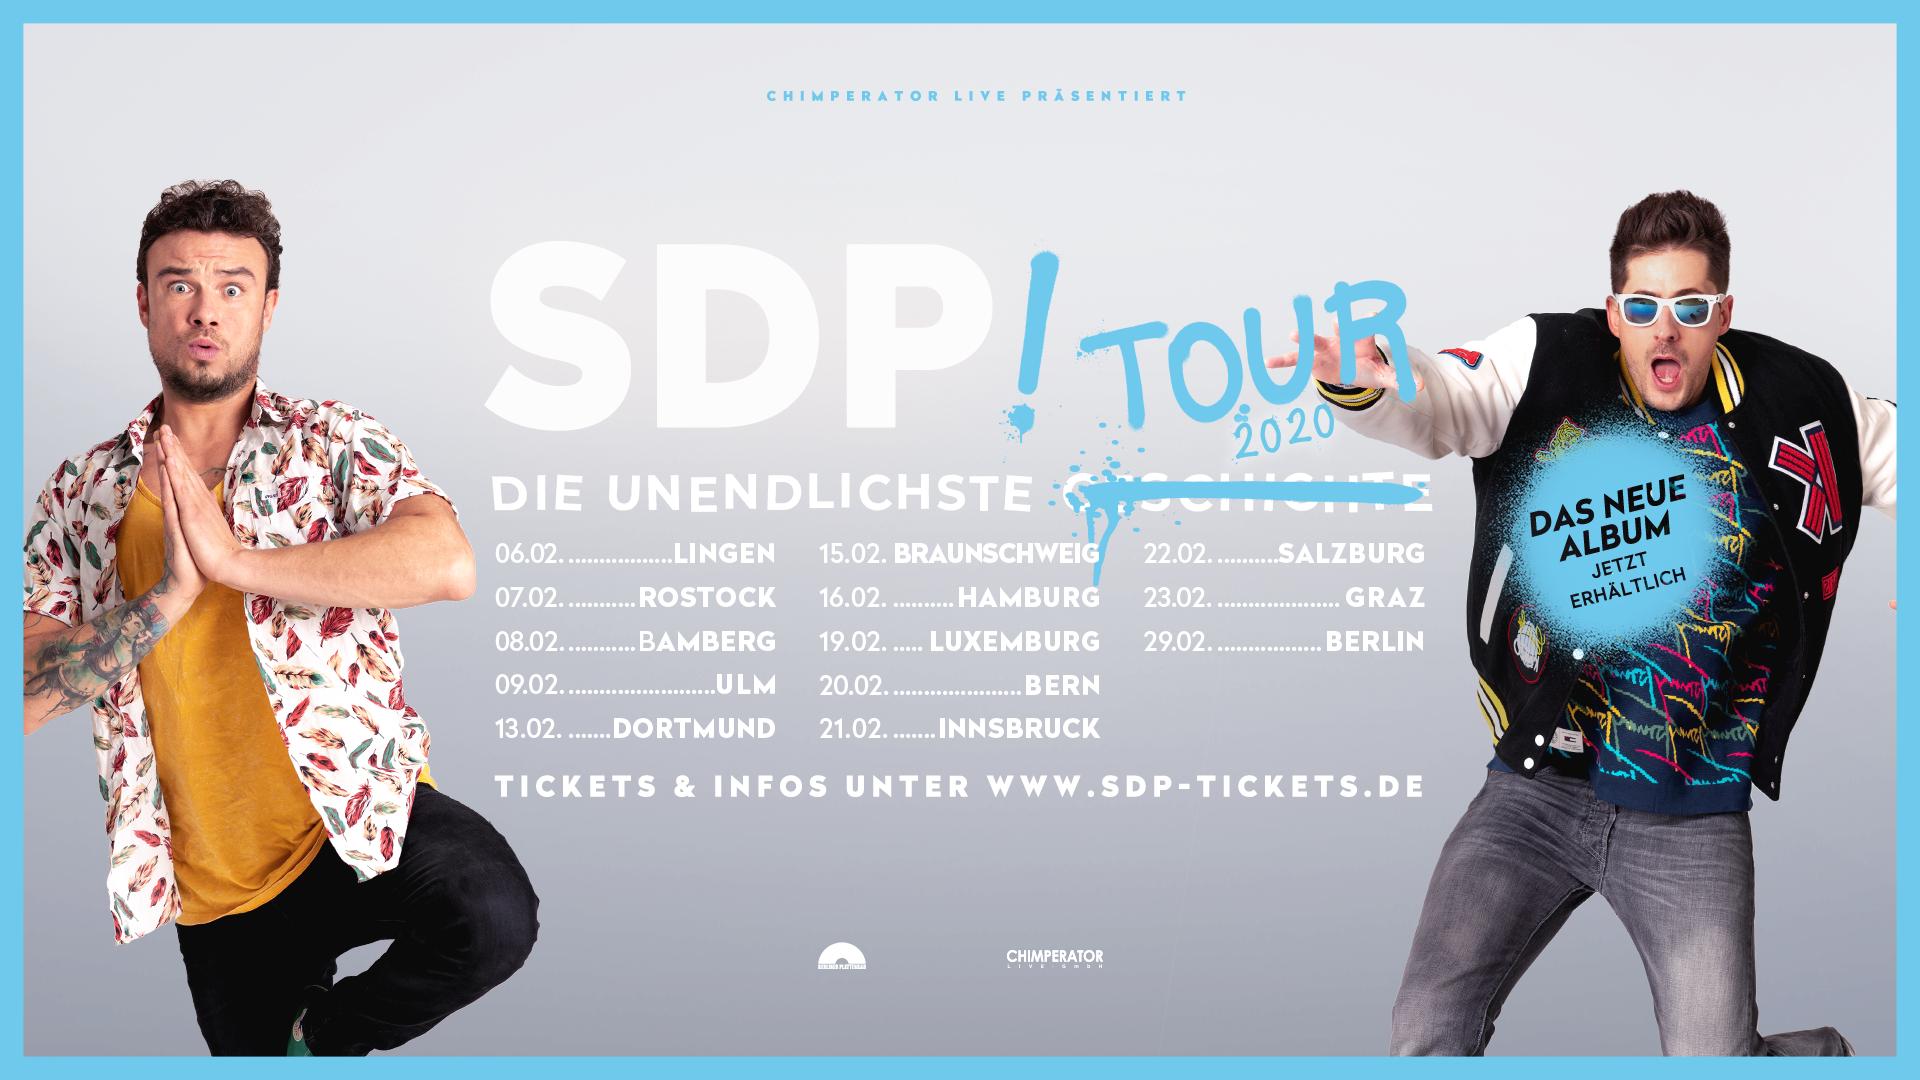 SDP_DUT2020_v2_1